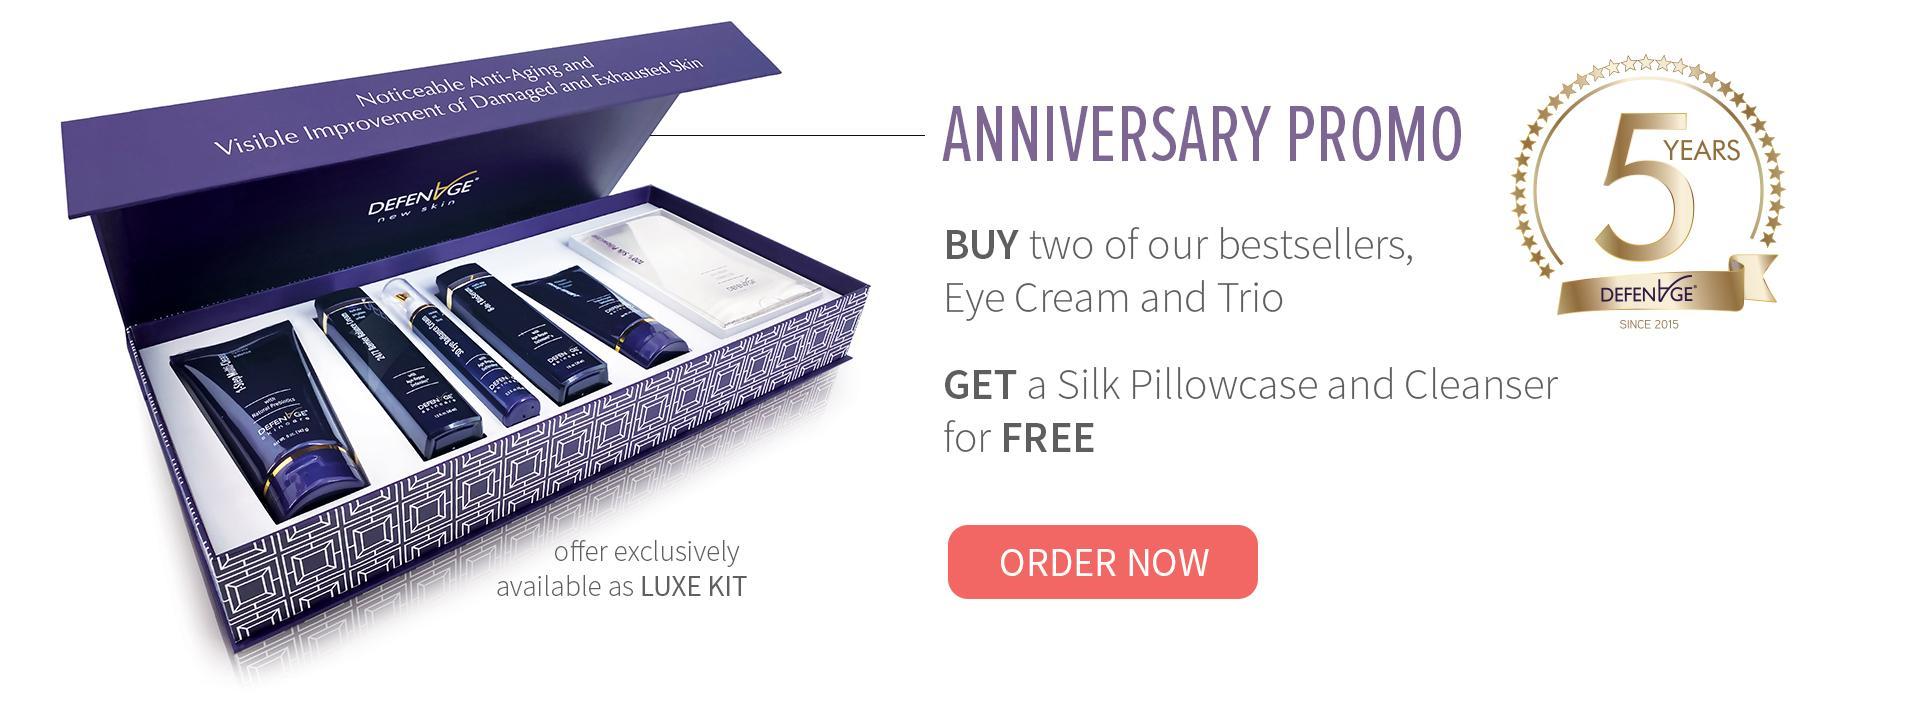 Anti-aging Skincare Promo